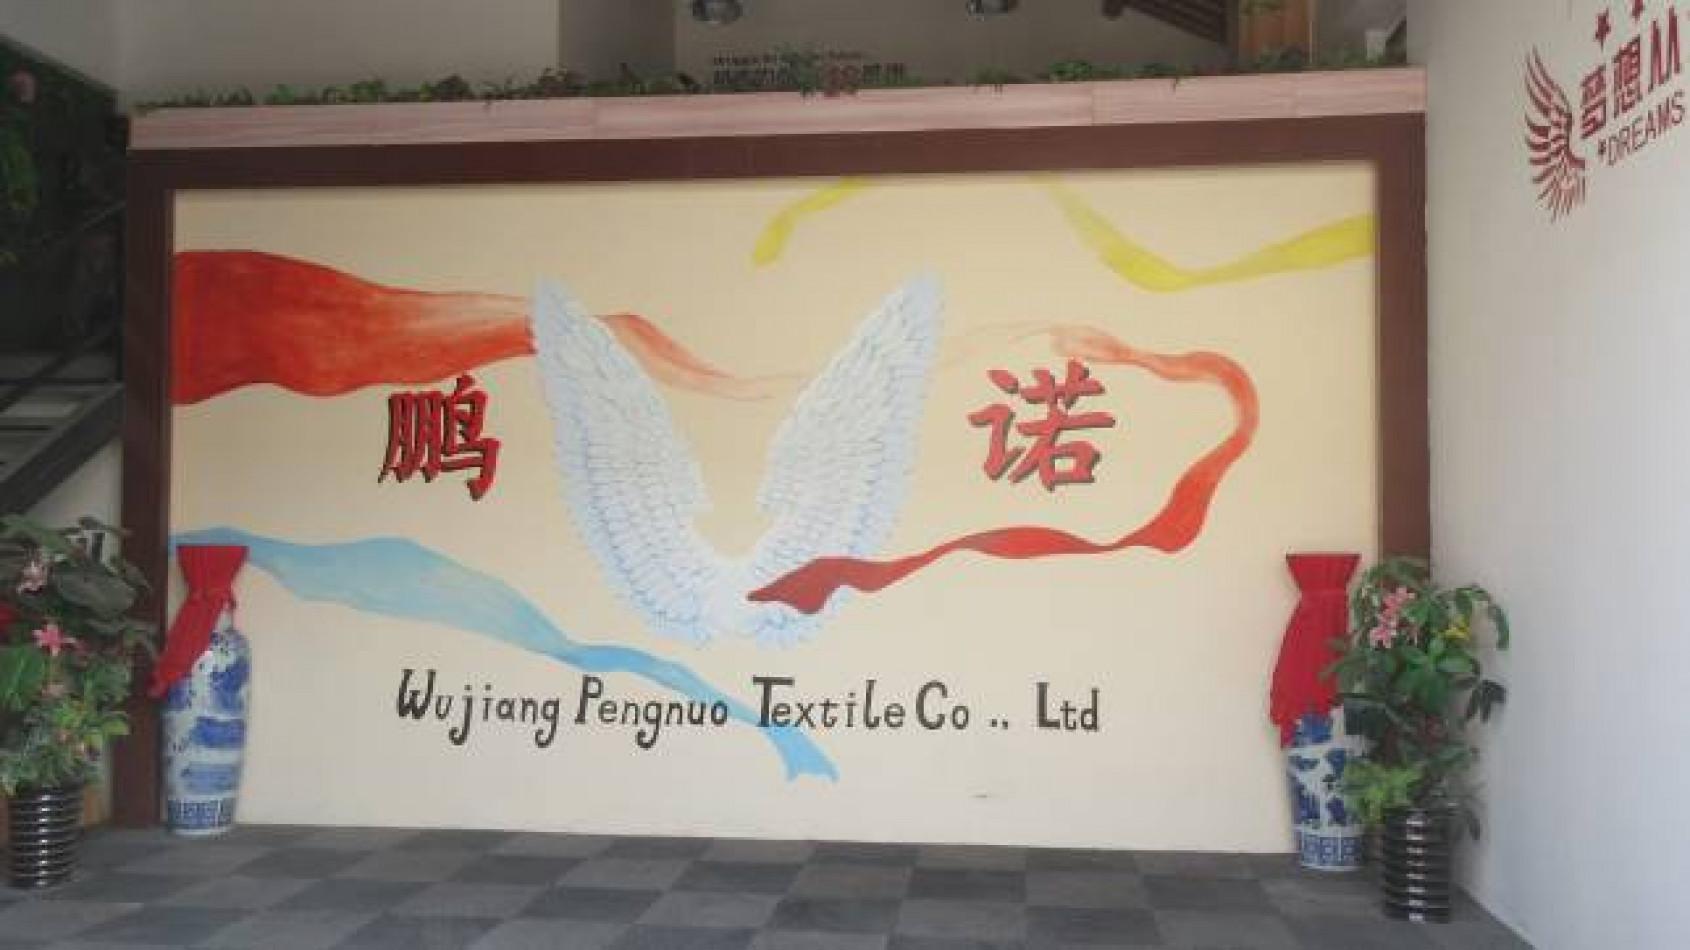 WUJIANG PENGNUO TEXTILE CO.,LTD